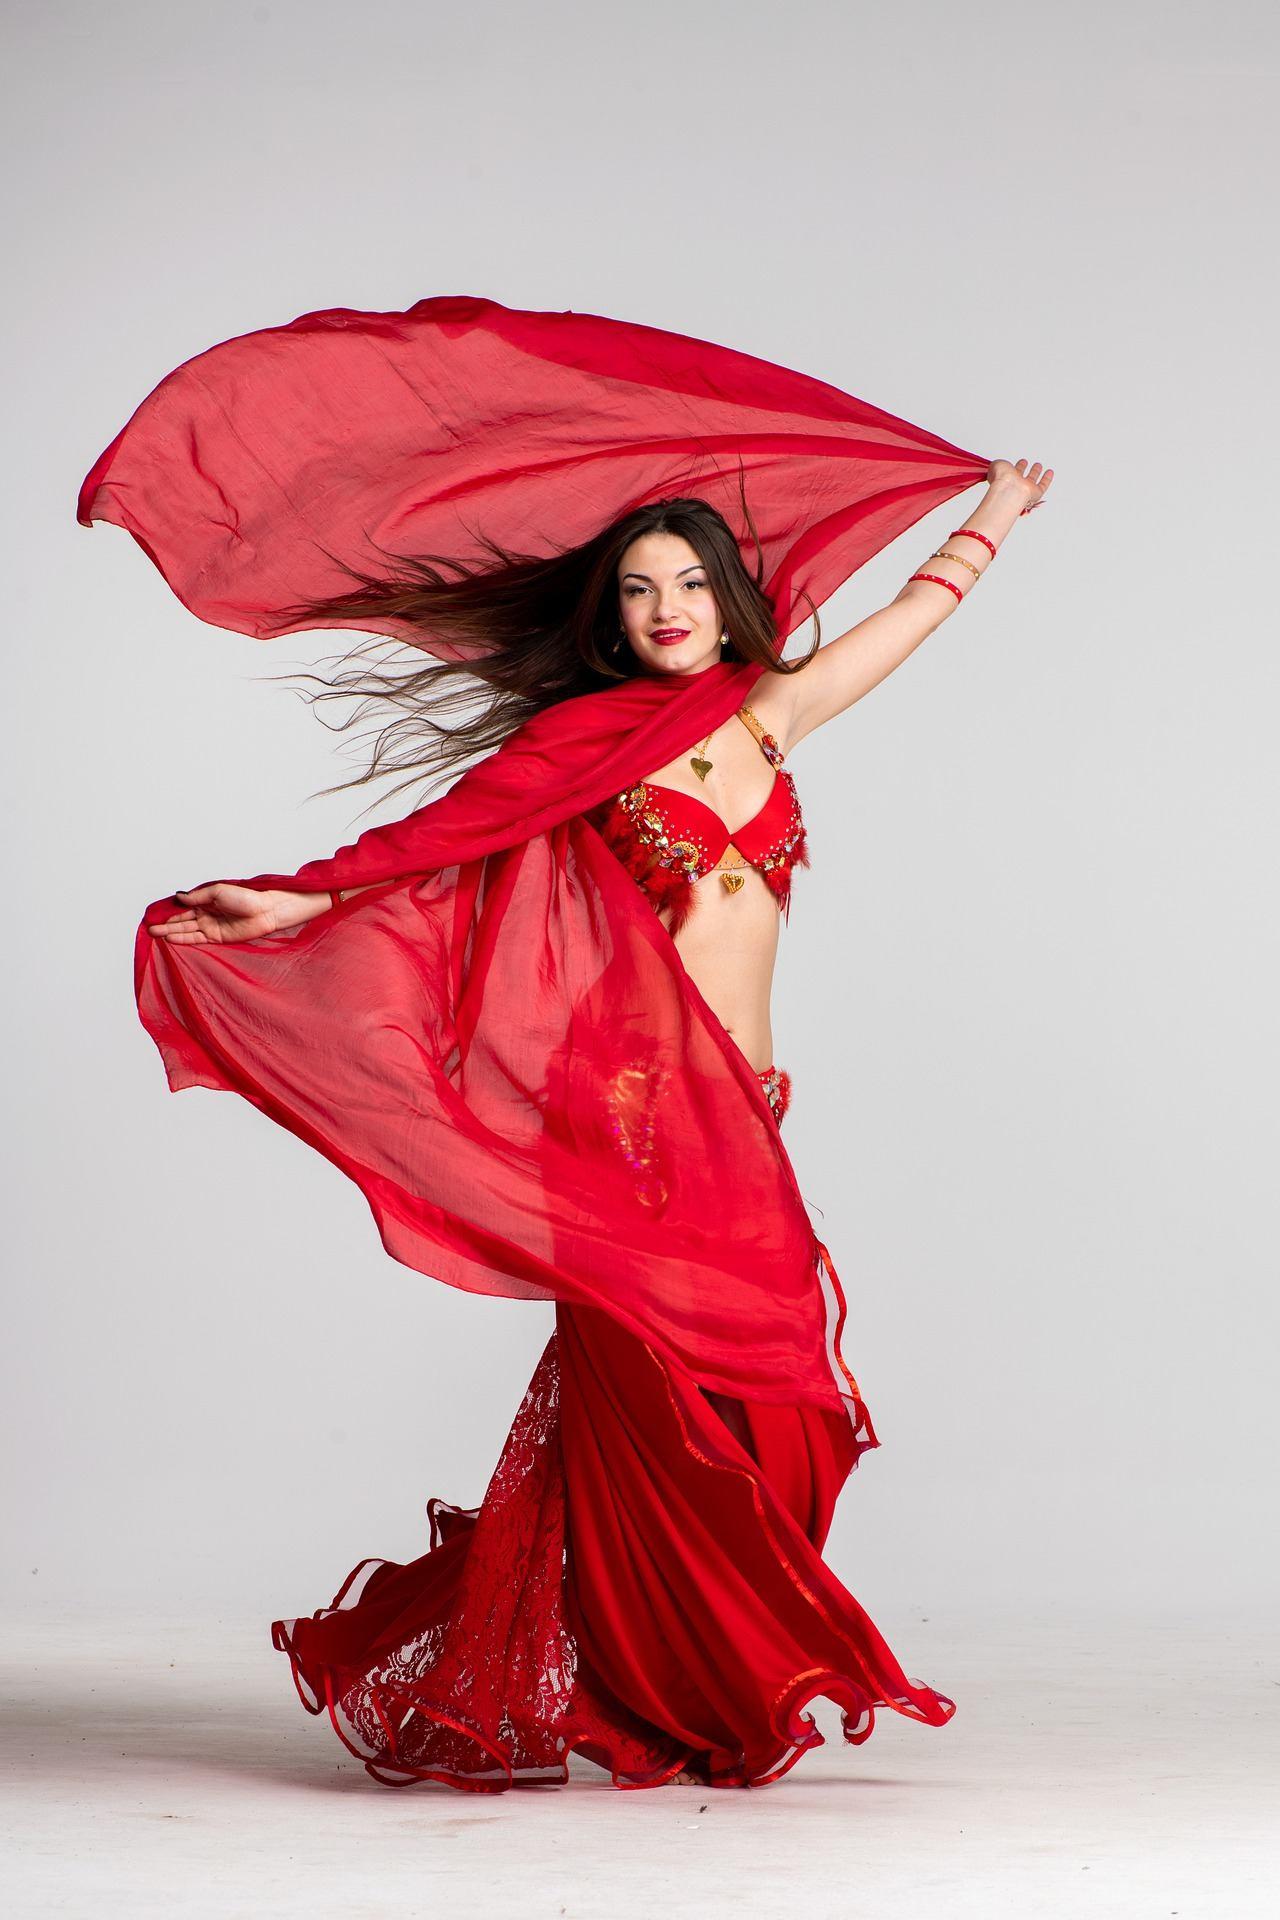 Buikdanseressen inhuren voor jouw feest of event? Ook dat kan bij Premium-Hookahs!